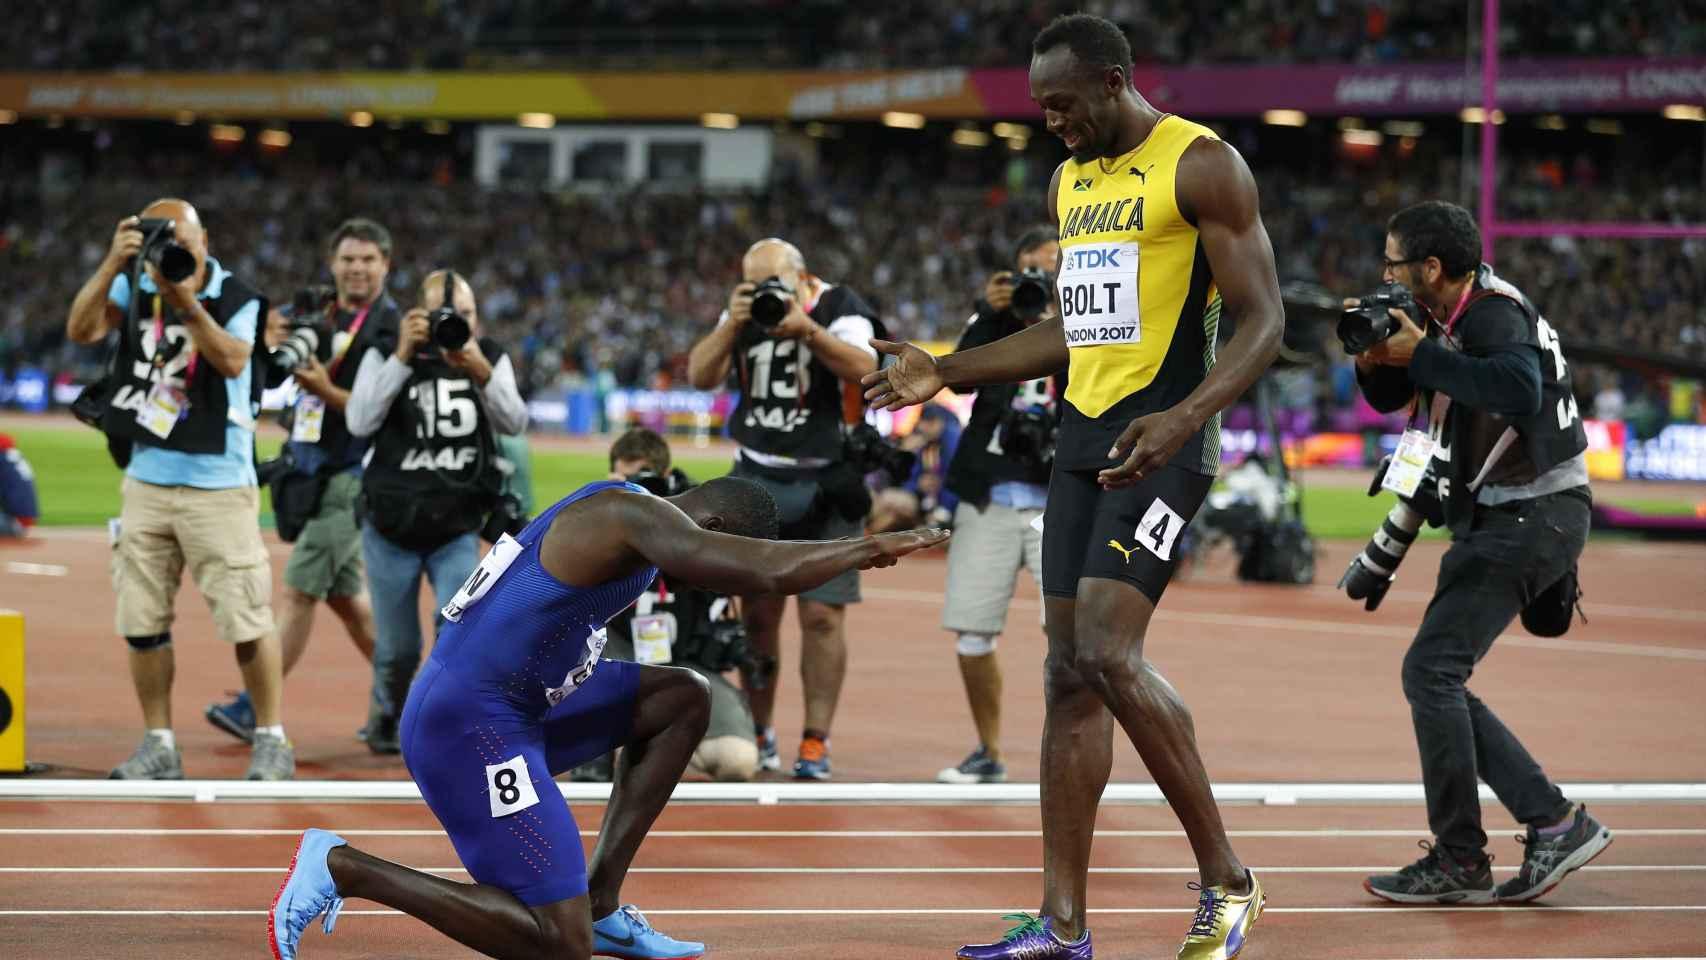 Gatlin hace una reverencia a Bolt tras la final de los 100 metros.